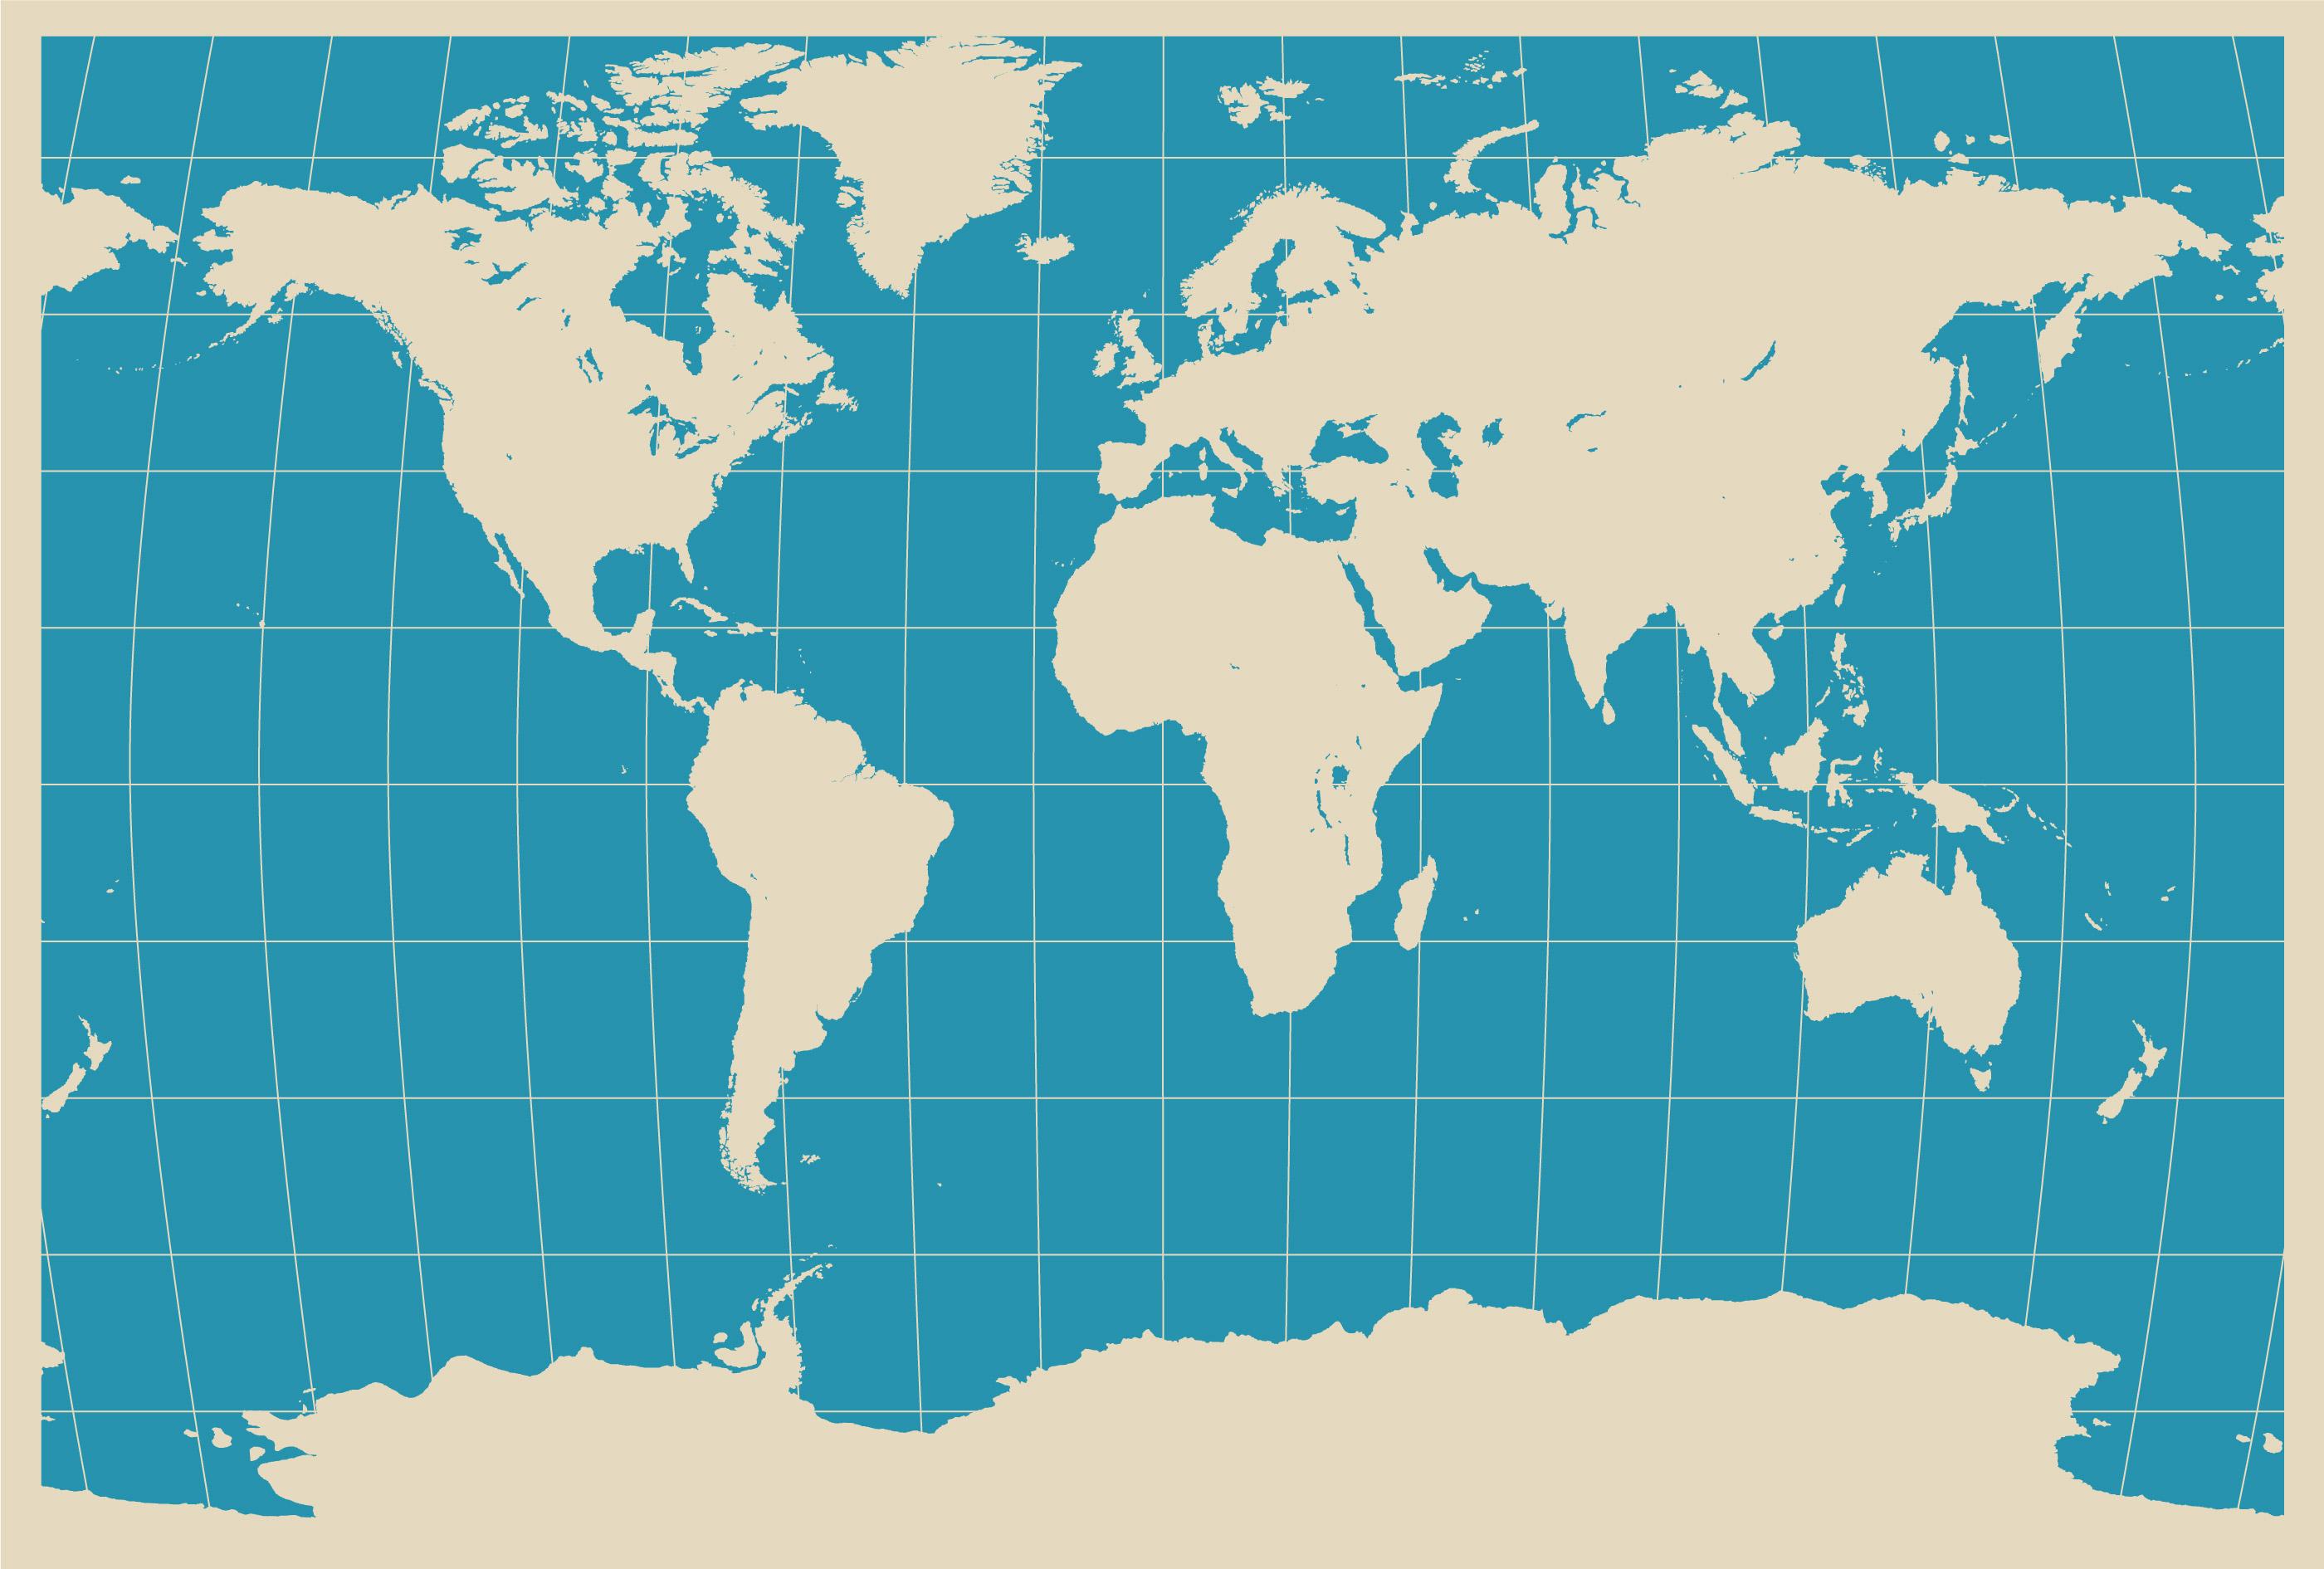 Cartina Mondo Vettoriale Gratis.Mappa Del Mondo Vettoriale 226356 Scarica Immagini Vettoriali Gratis Grafica Vettoriale E Disegno Modelli